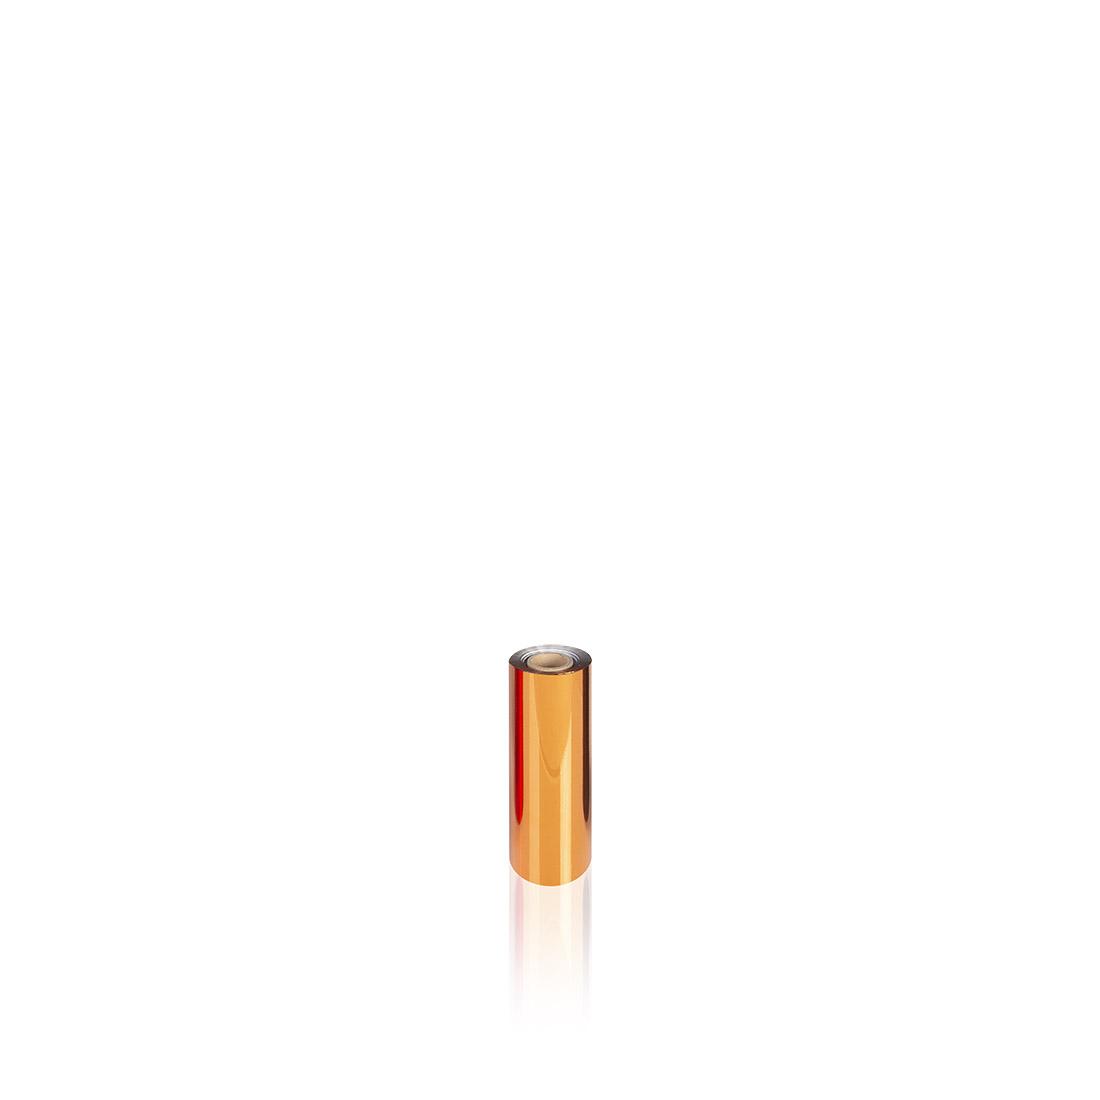 Uniwersalna folia do złoceń, nabłyszczeń w rolce - O.FOIL NEW UNIVERSAL - 16 cm x 120 m - miedziany